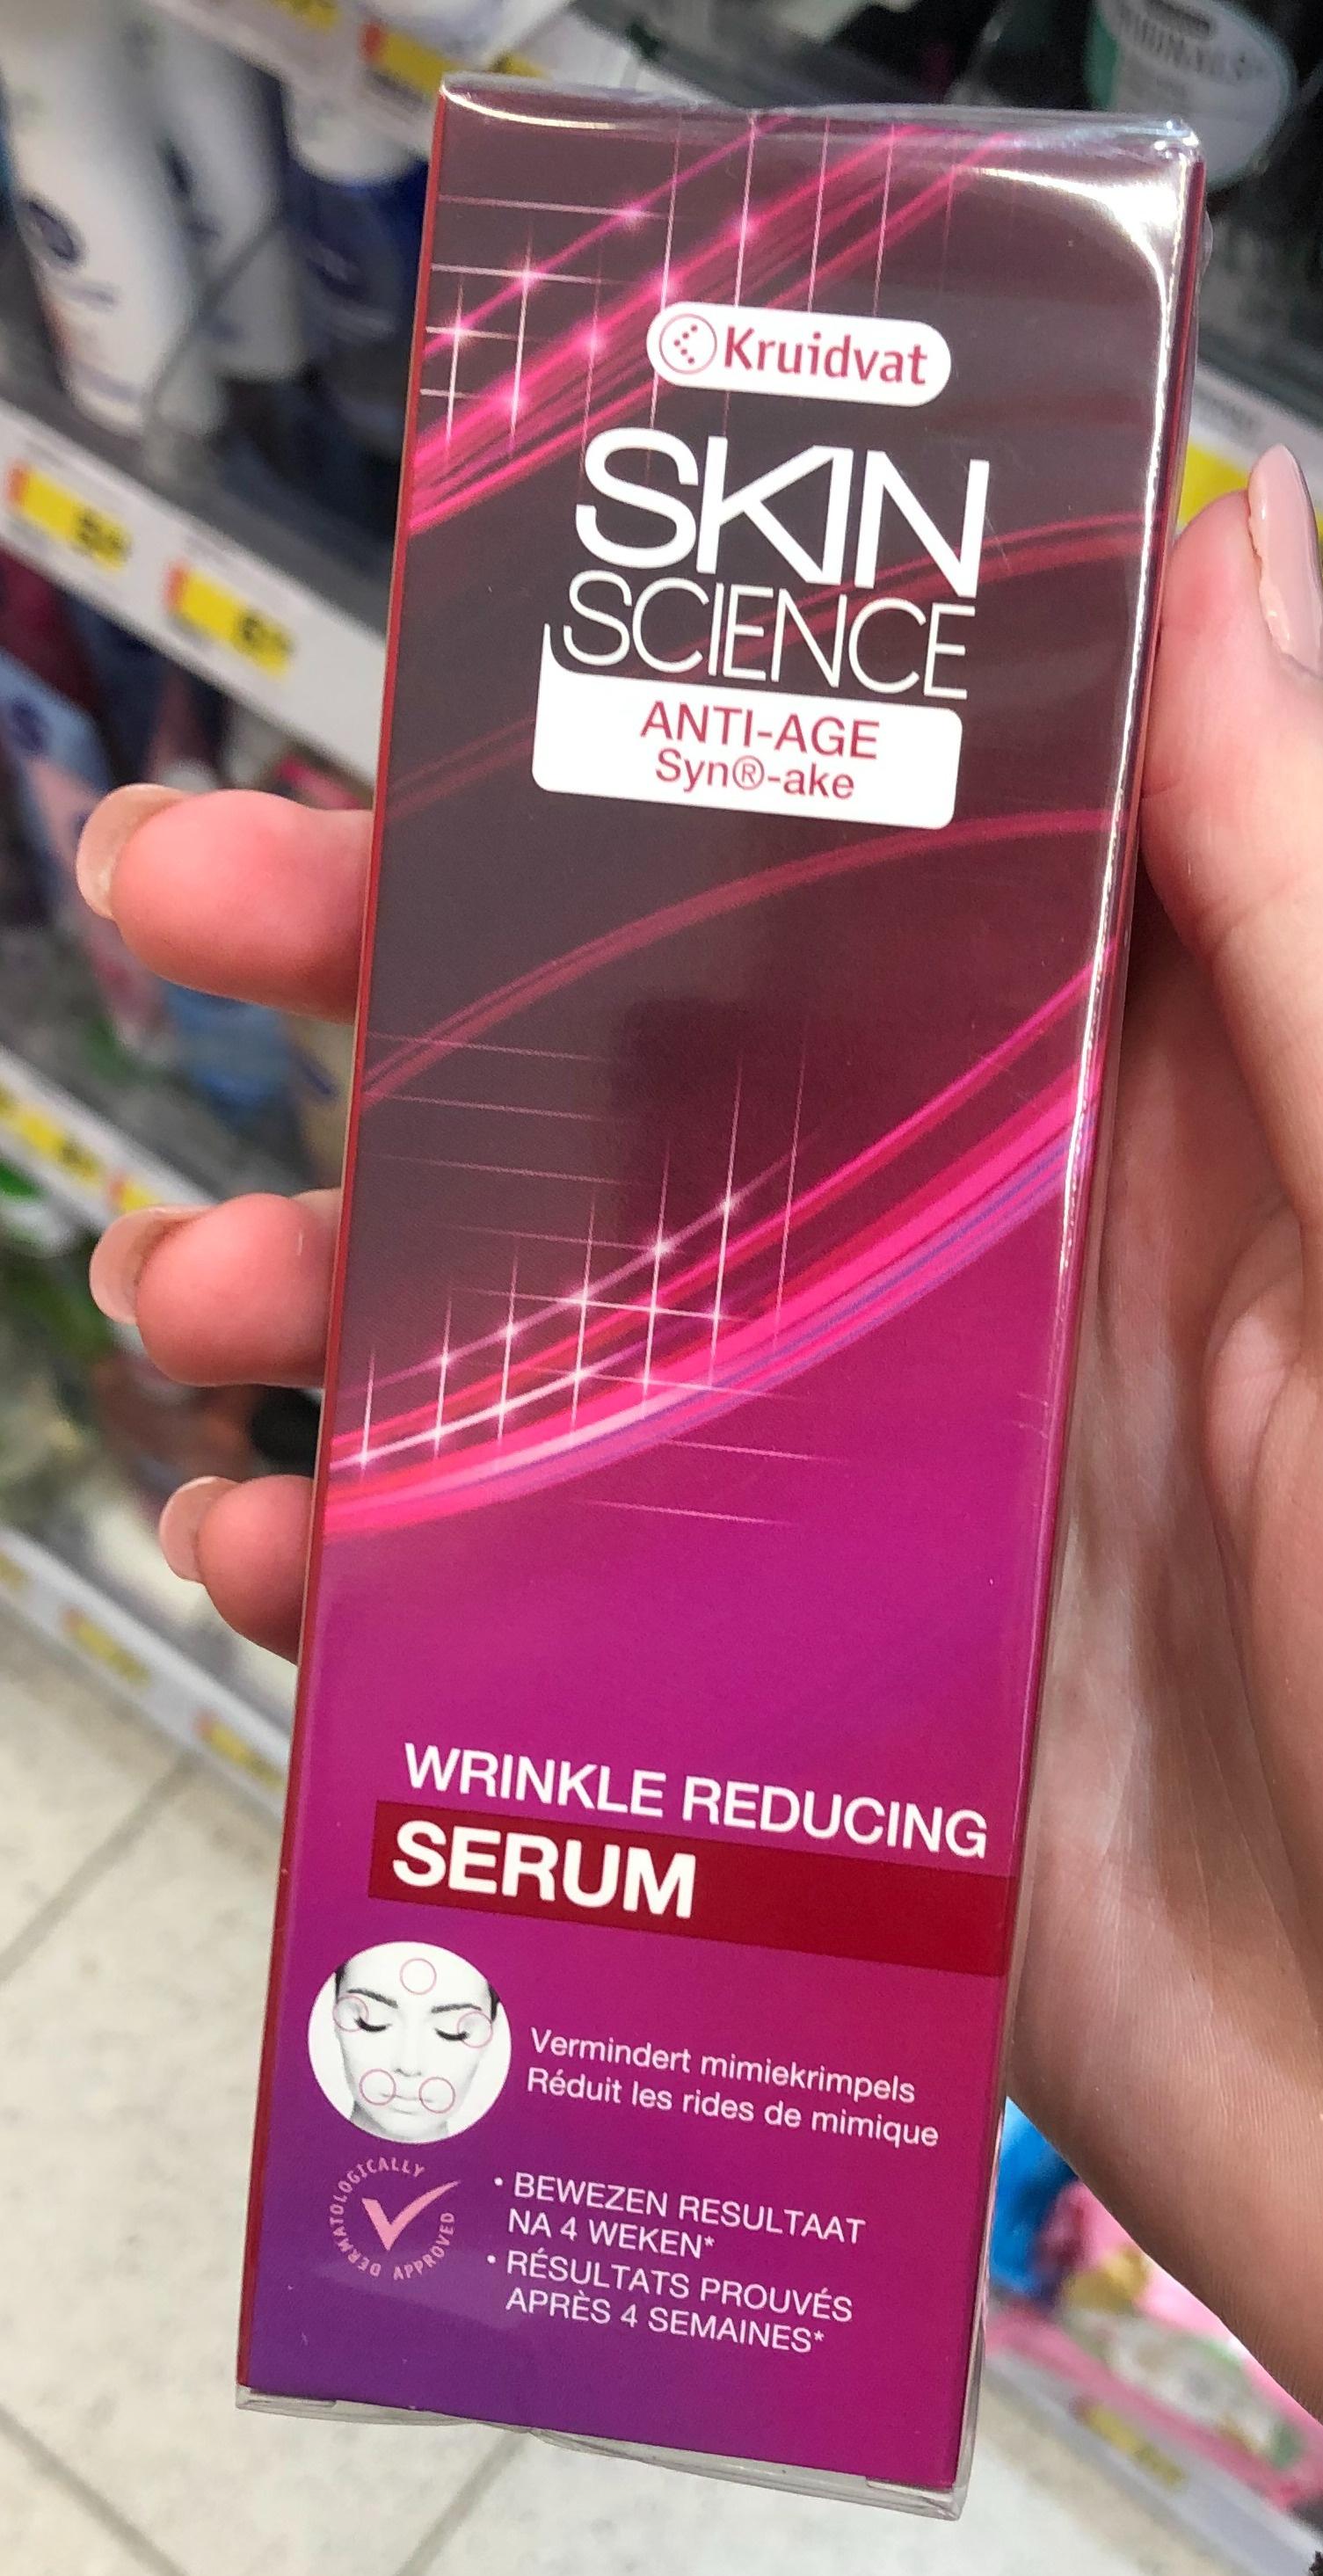 Kruidvat Skin Science Anti Age Wrinkle Reducing Serum